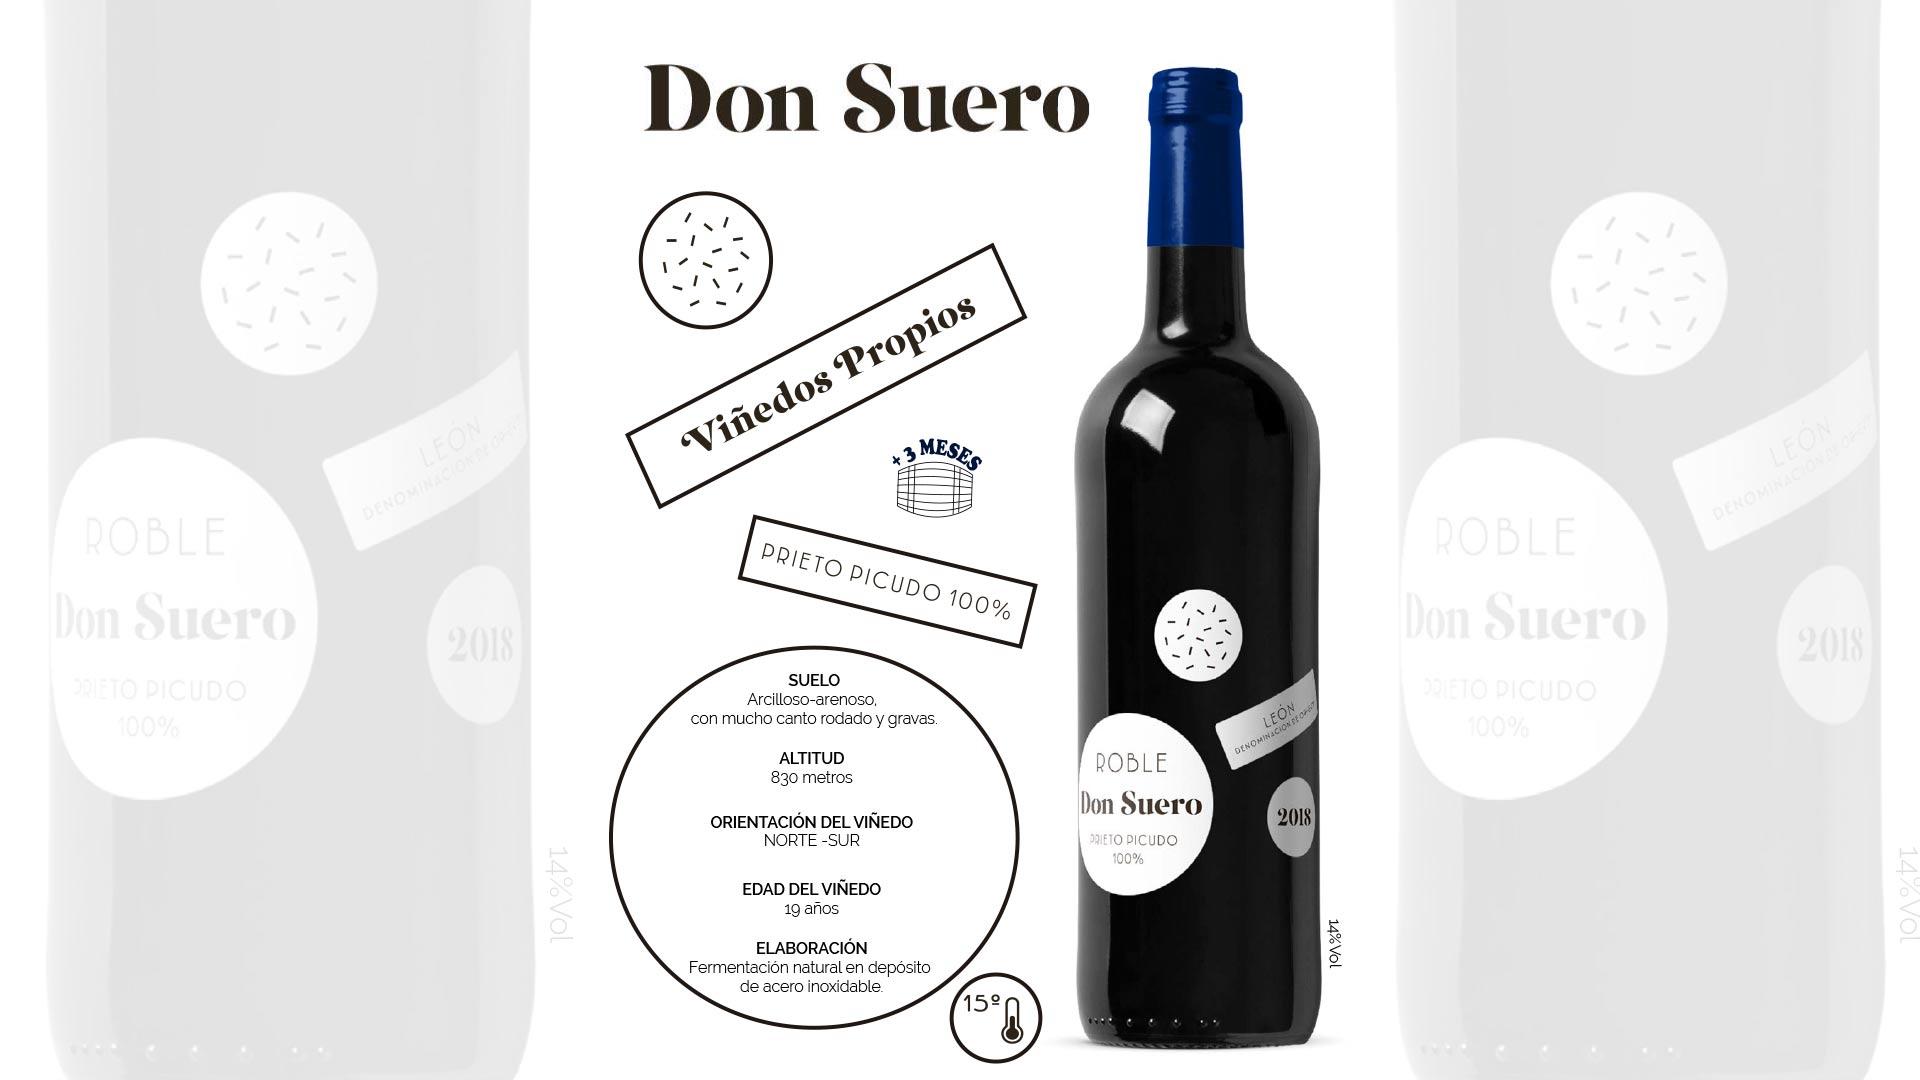 Don Suero